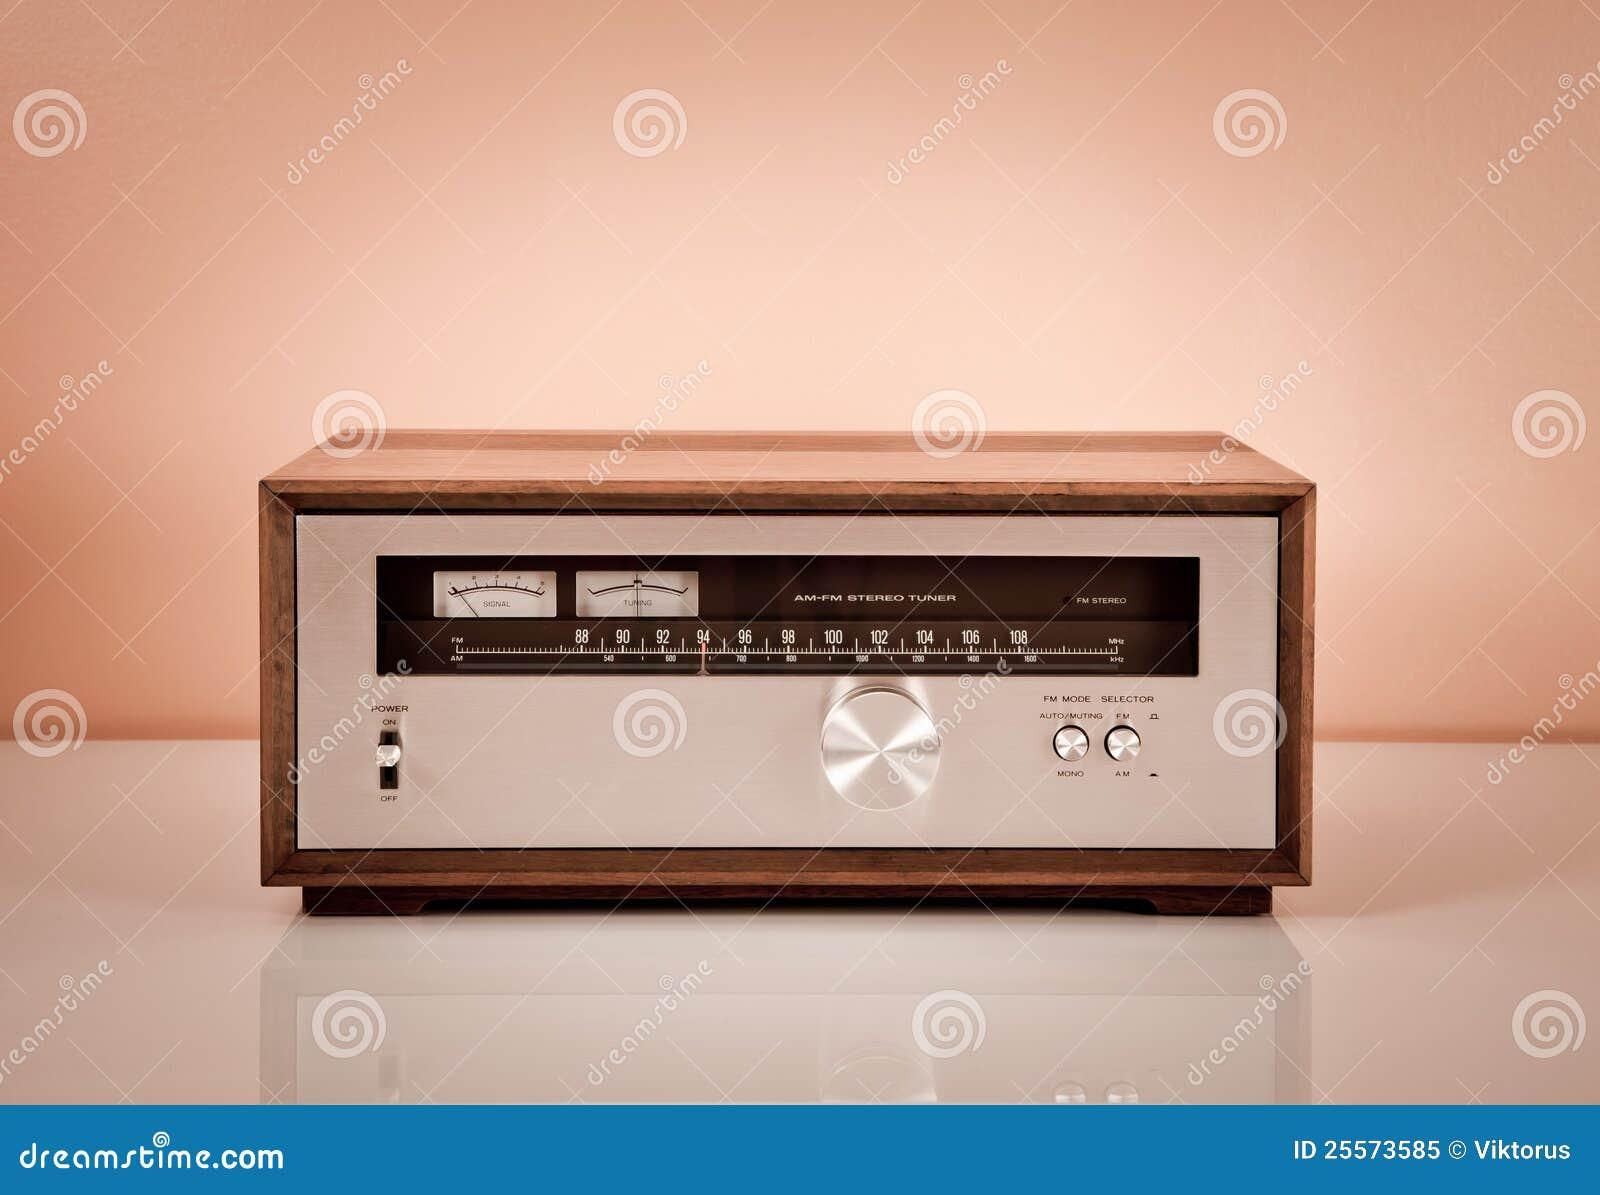 Afinador estereofónico do vintage no gabinete de madeira